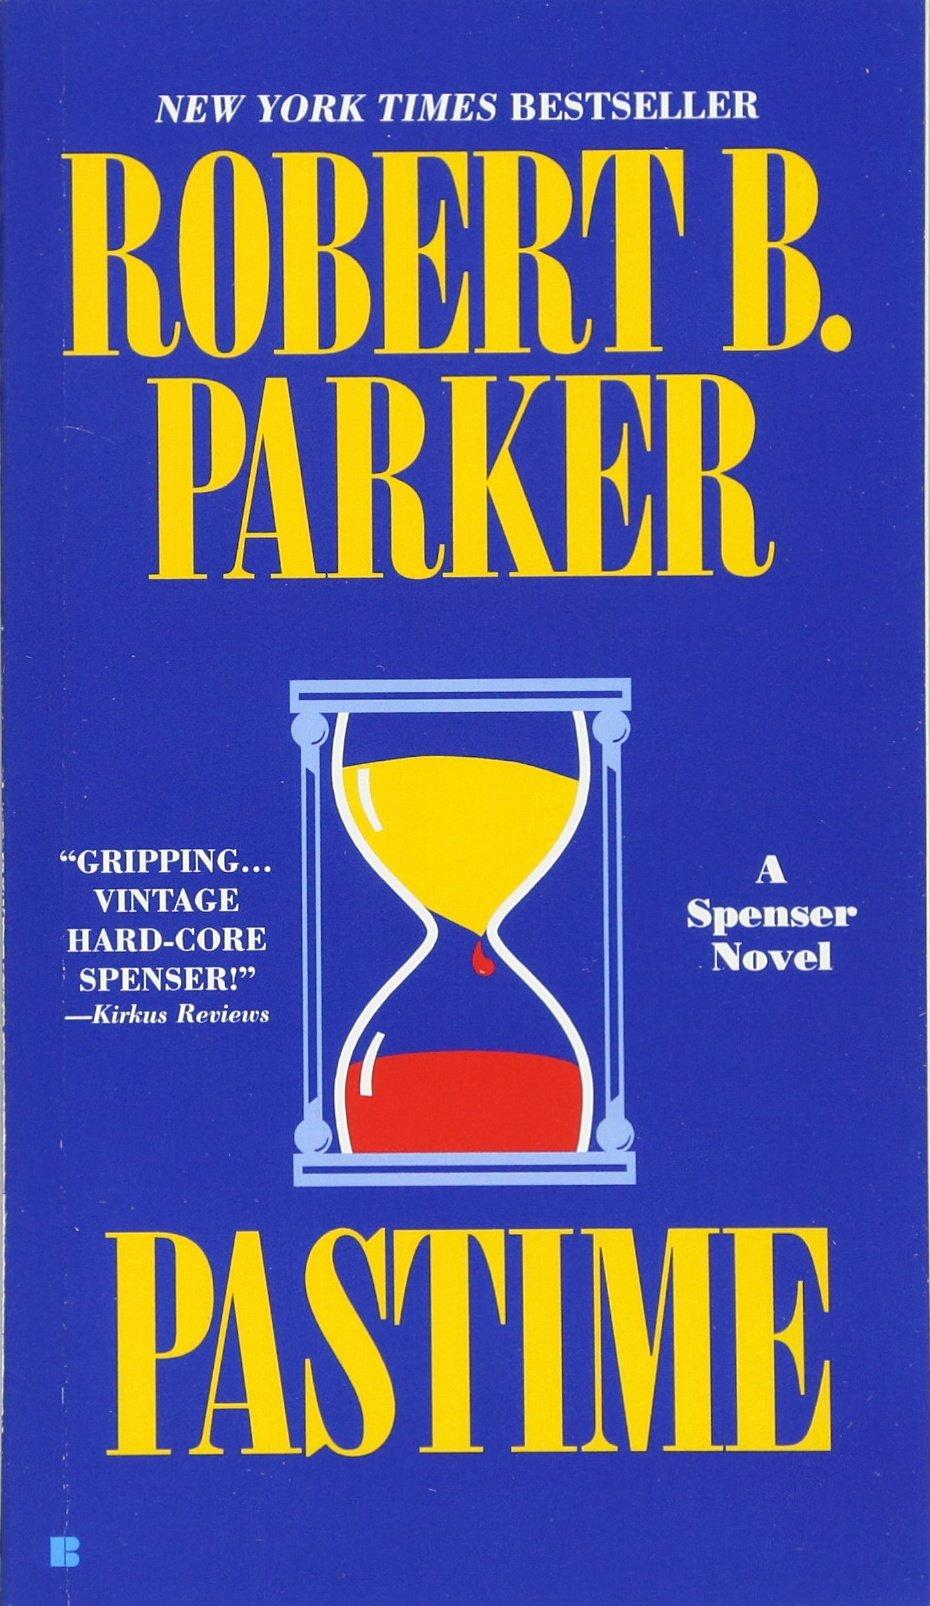 Pastime Spenser 18 Robert Parker